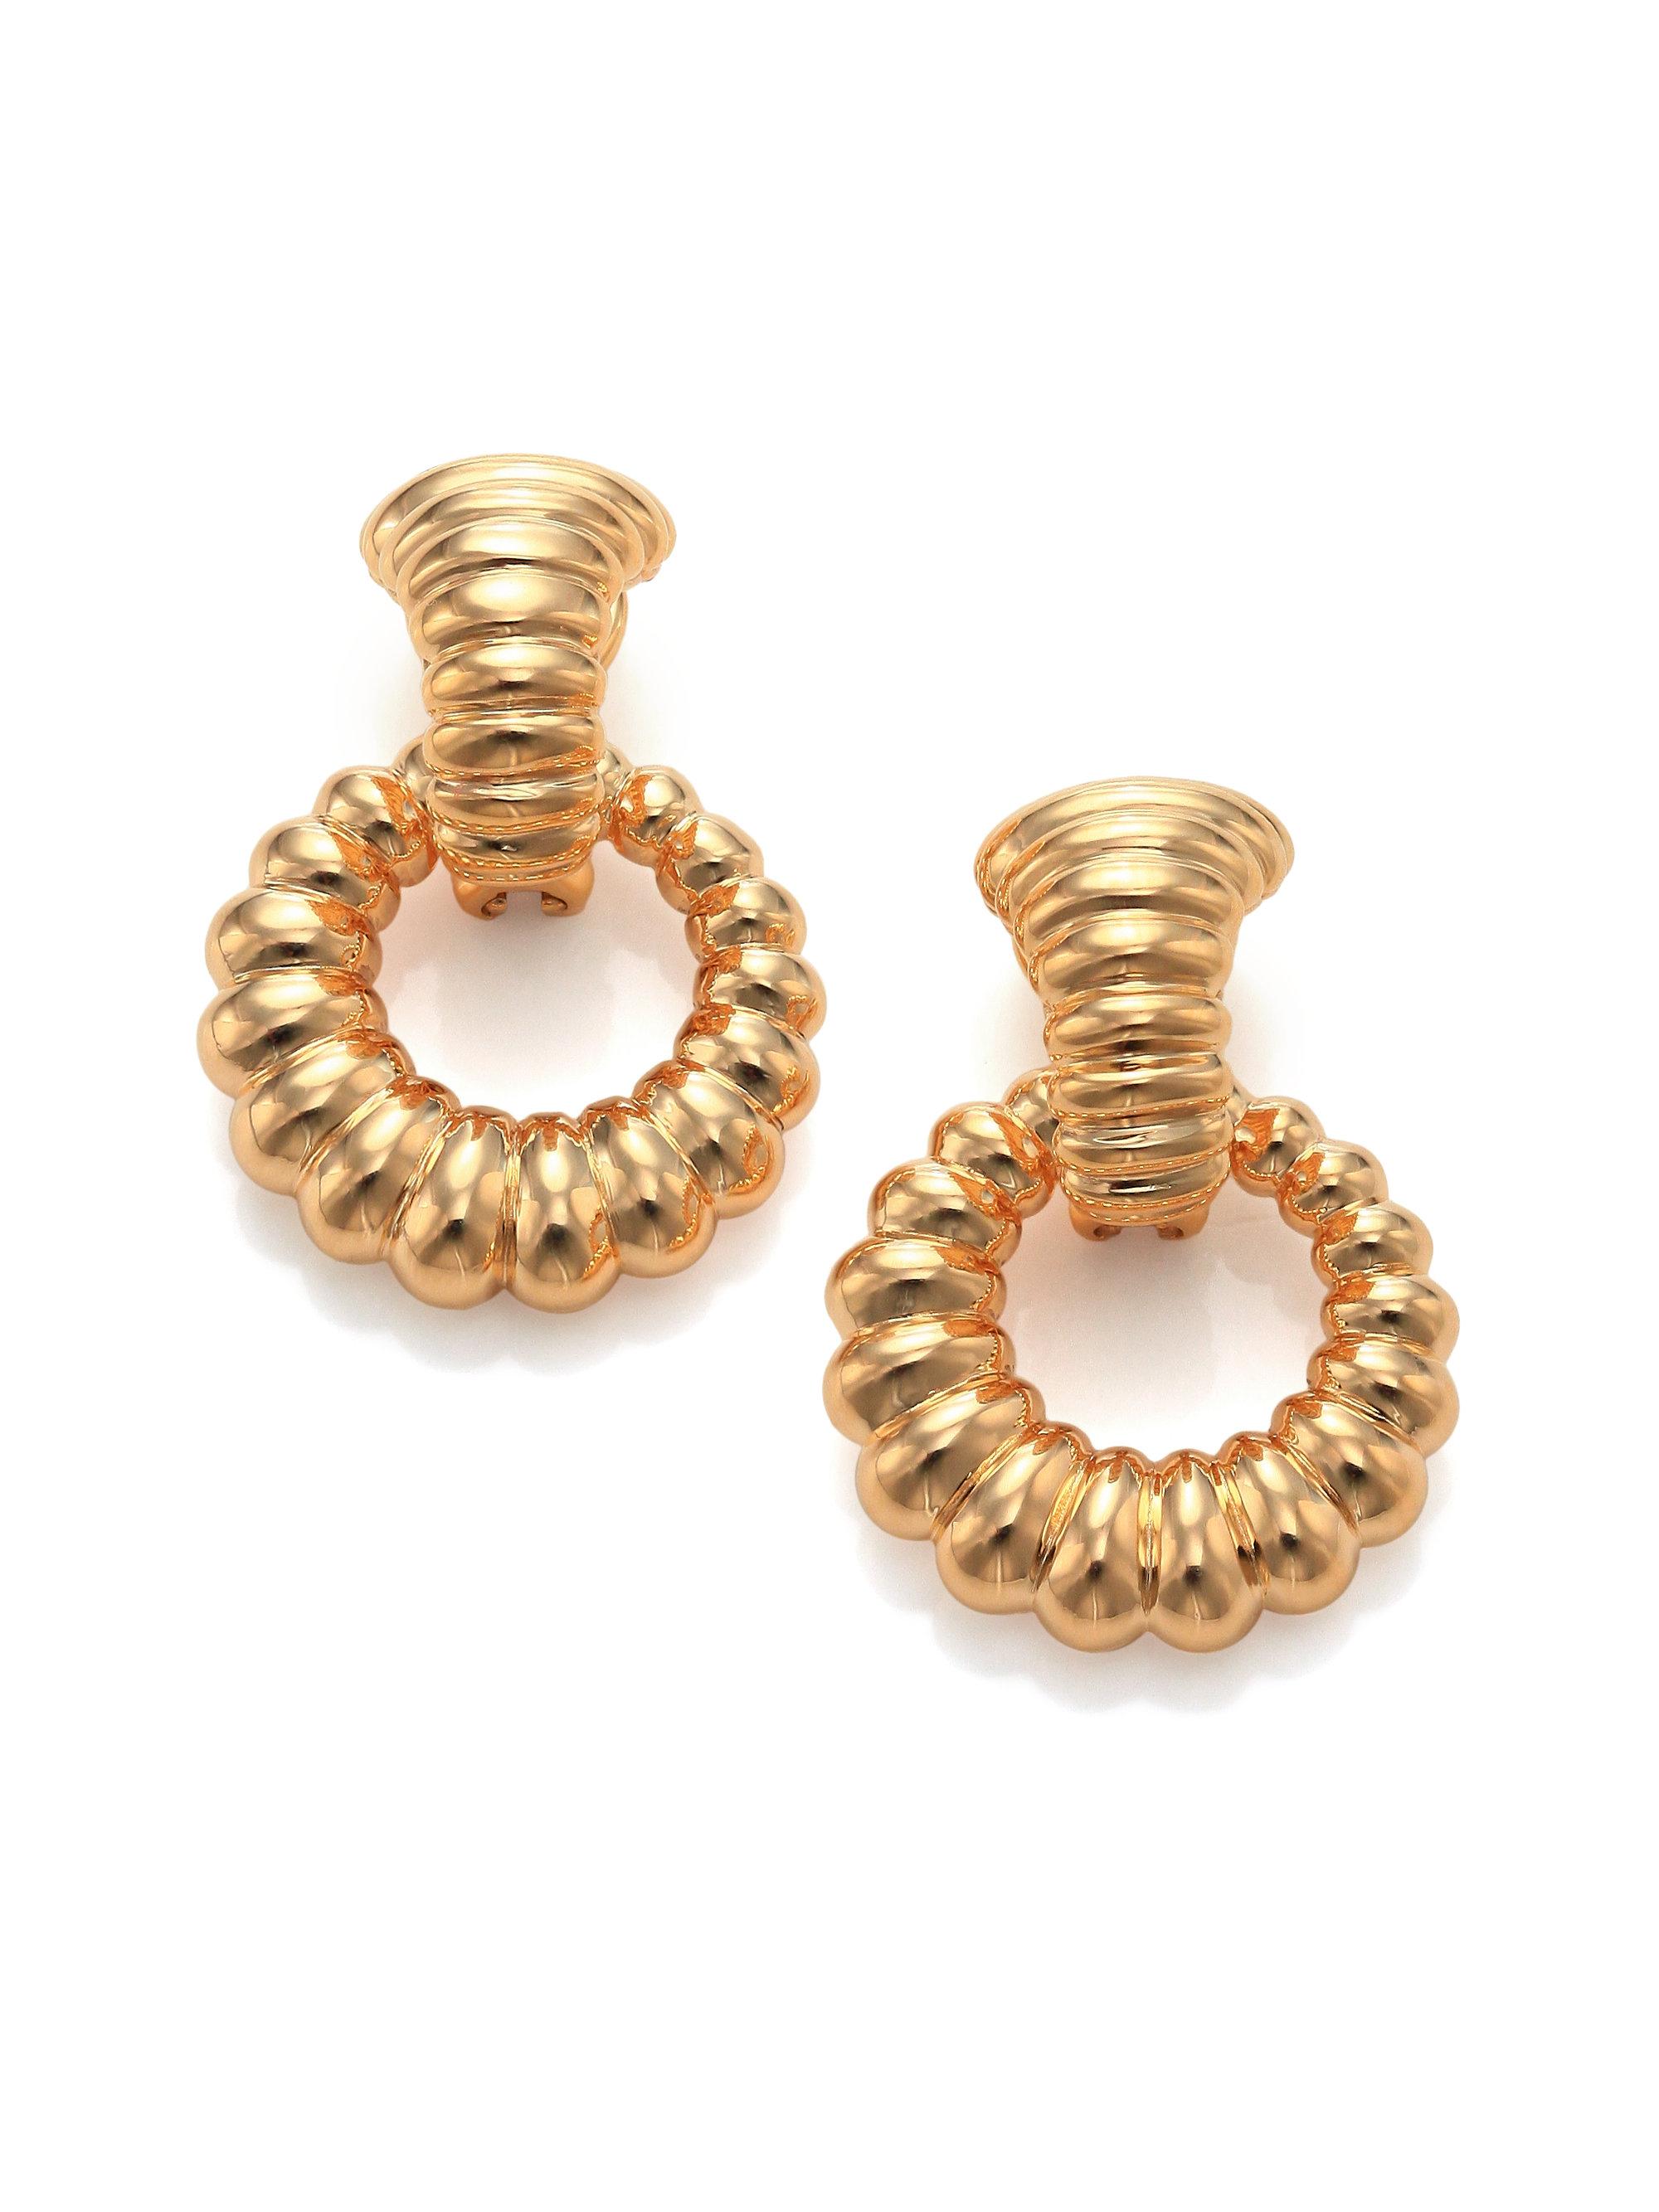 John hardy bedeg 18k yellow gold doorknocker earrings in for John hardy jewelry earrings